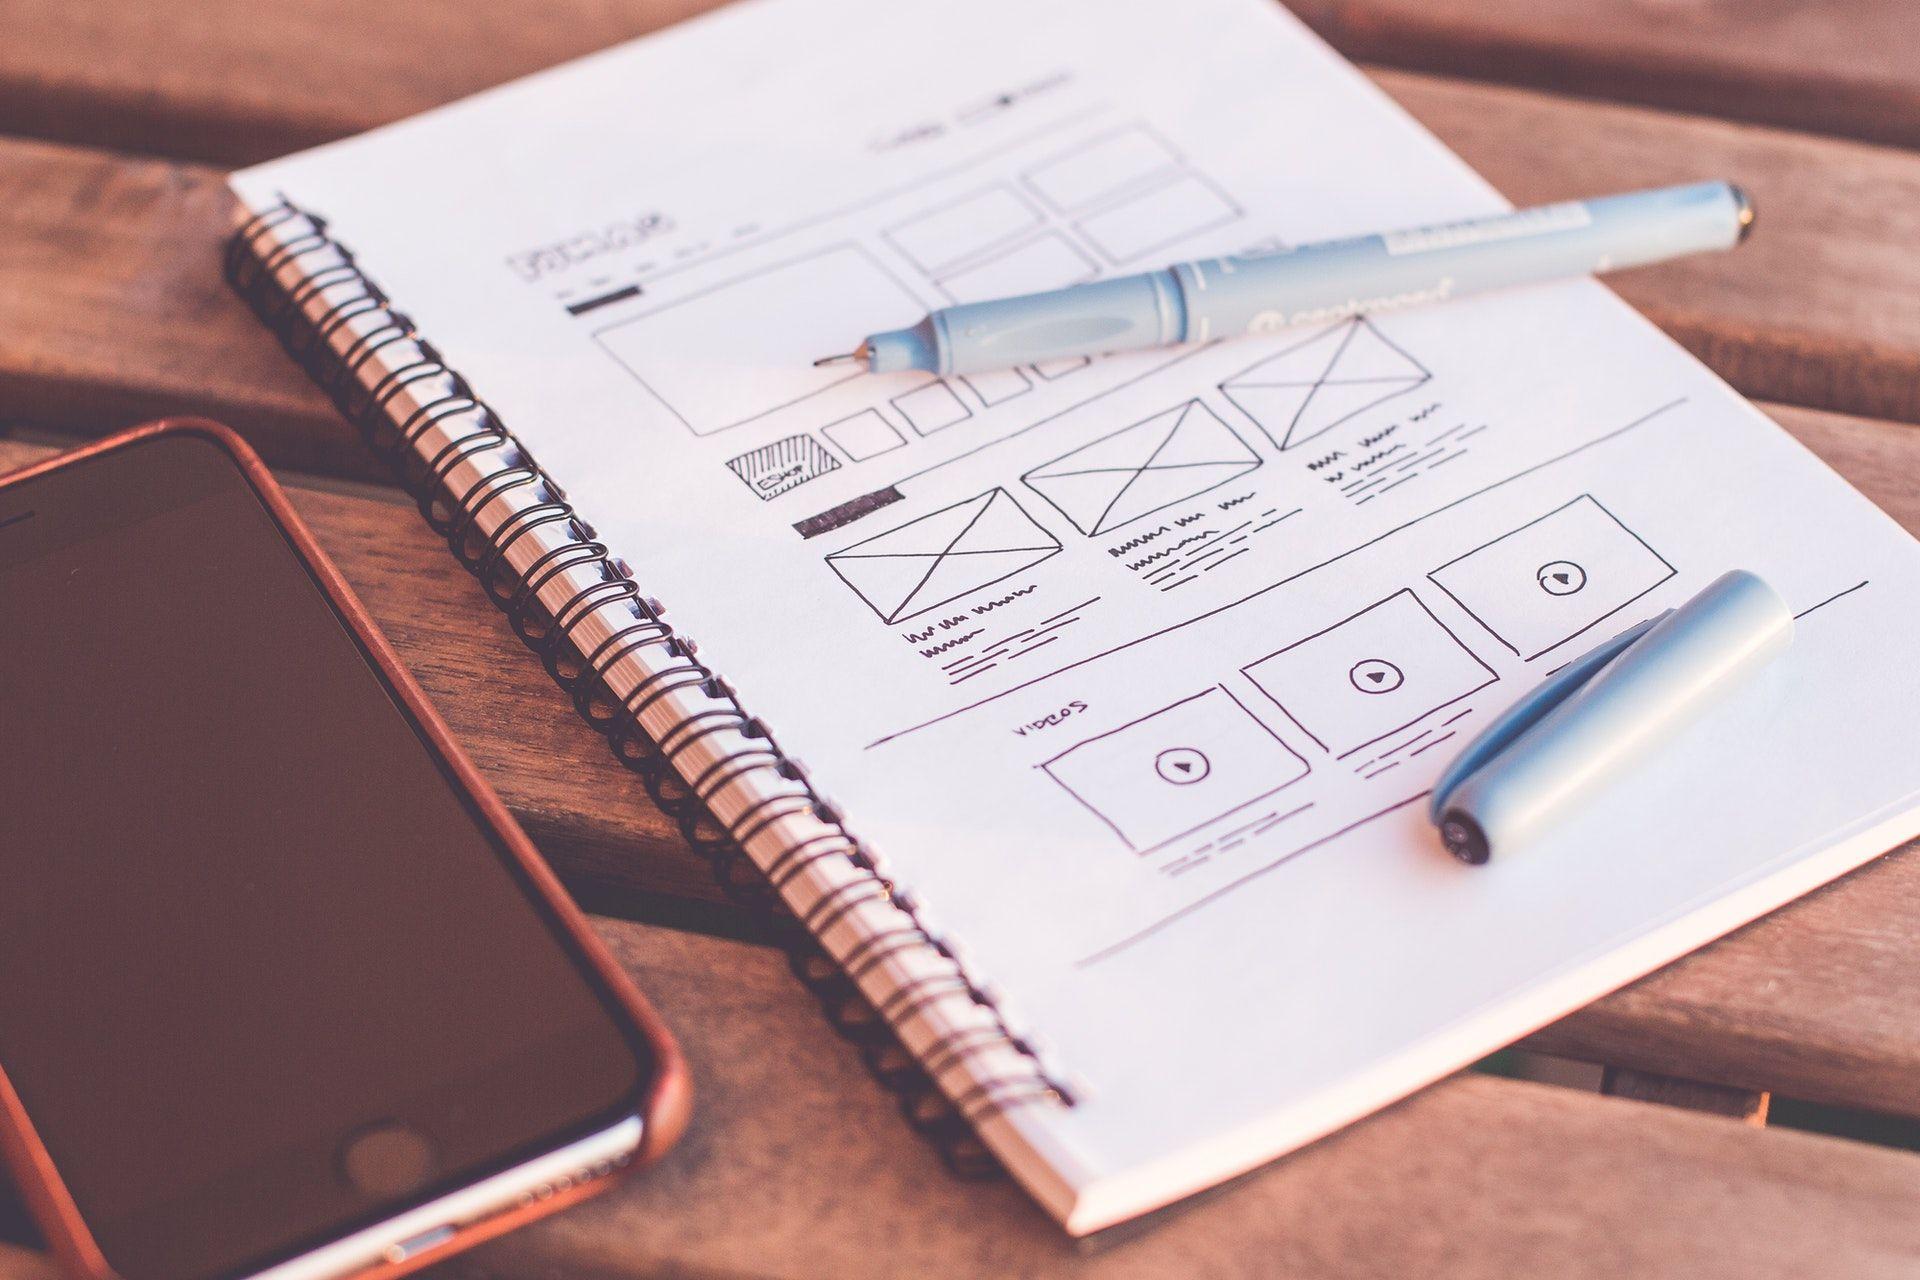 Diseño web con Wordpress: ¿Qué es y cuáles son sus ventajas?